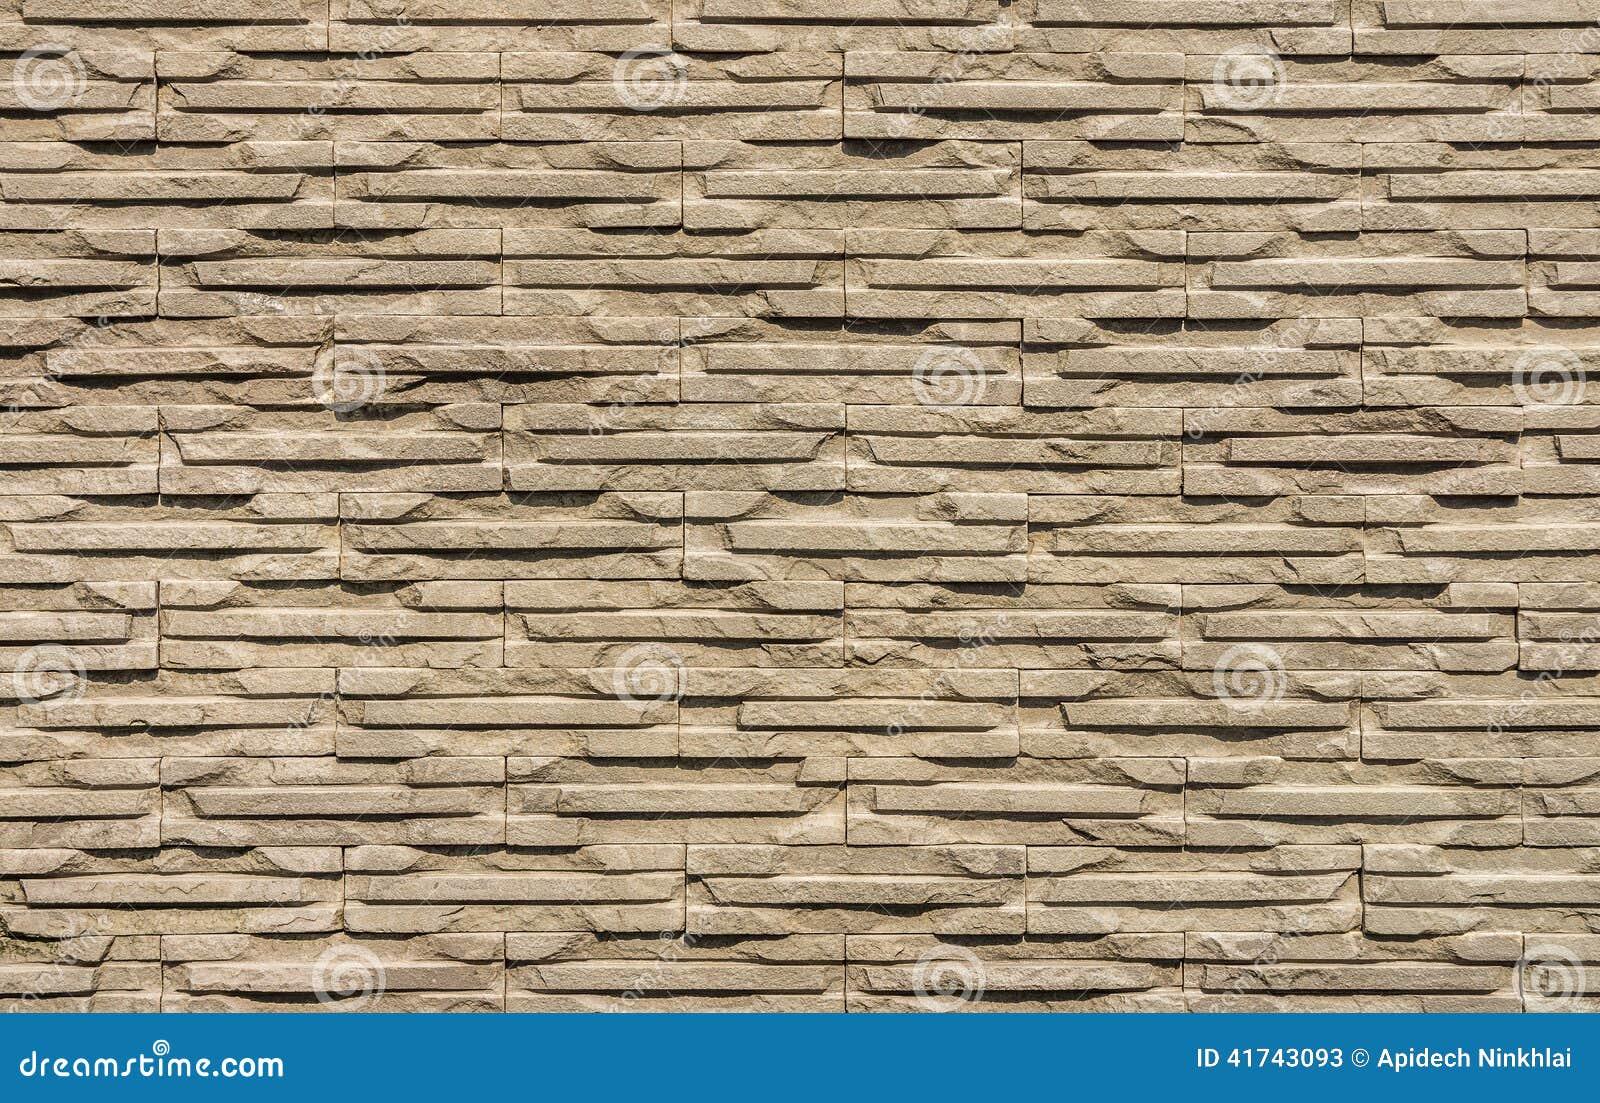 fondo para pared piedra